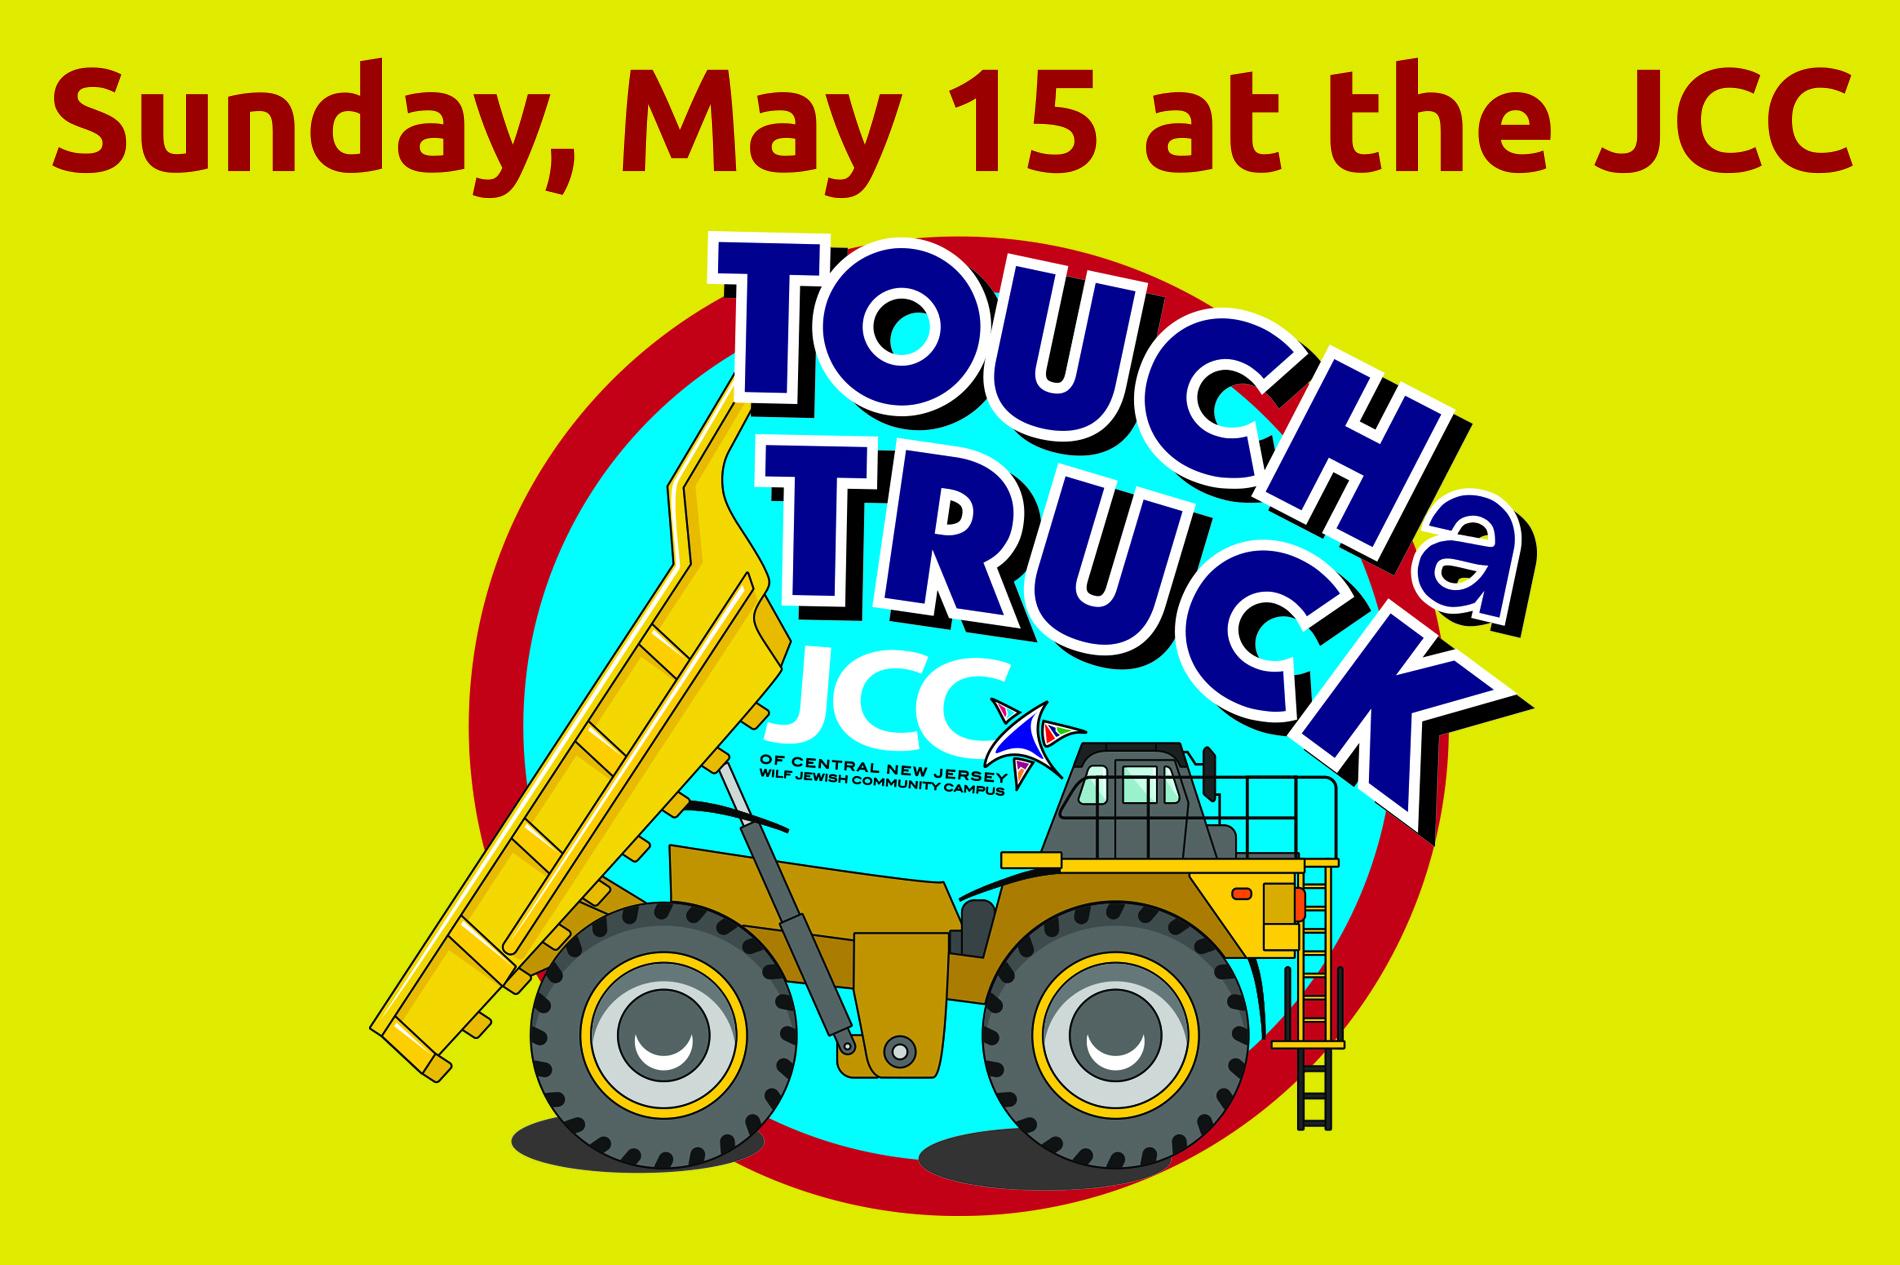 769ee11b1549e4a27015_4aa22a22aa8257e8967a_Touch_a_truck_featured_program-1.jpg